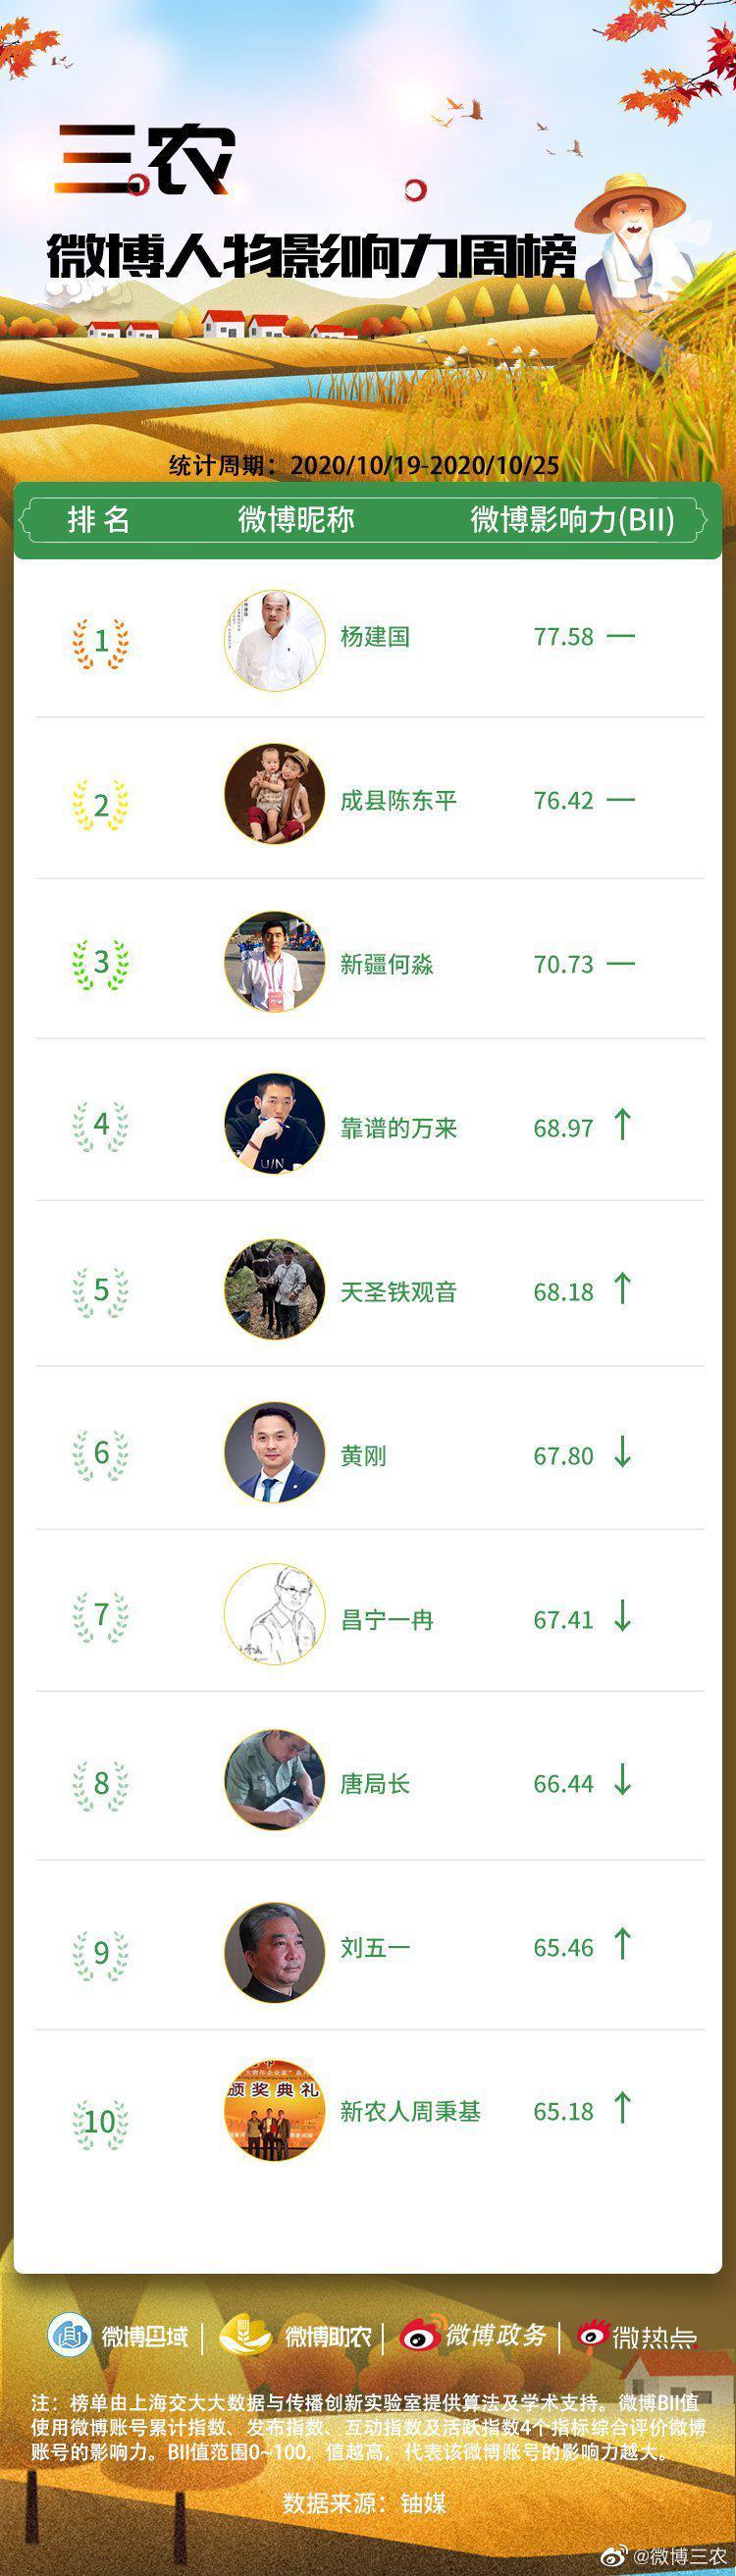 三农微博人物影响力榜单